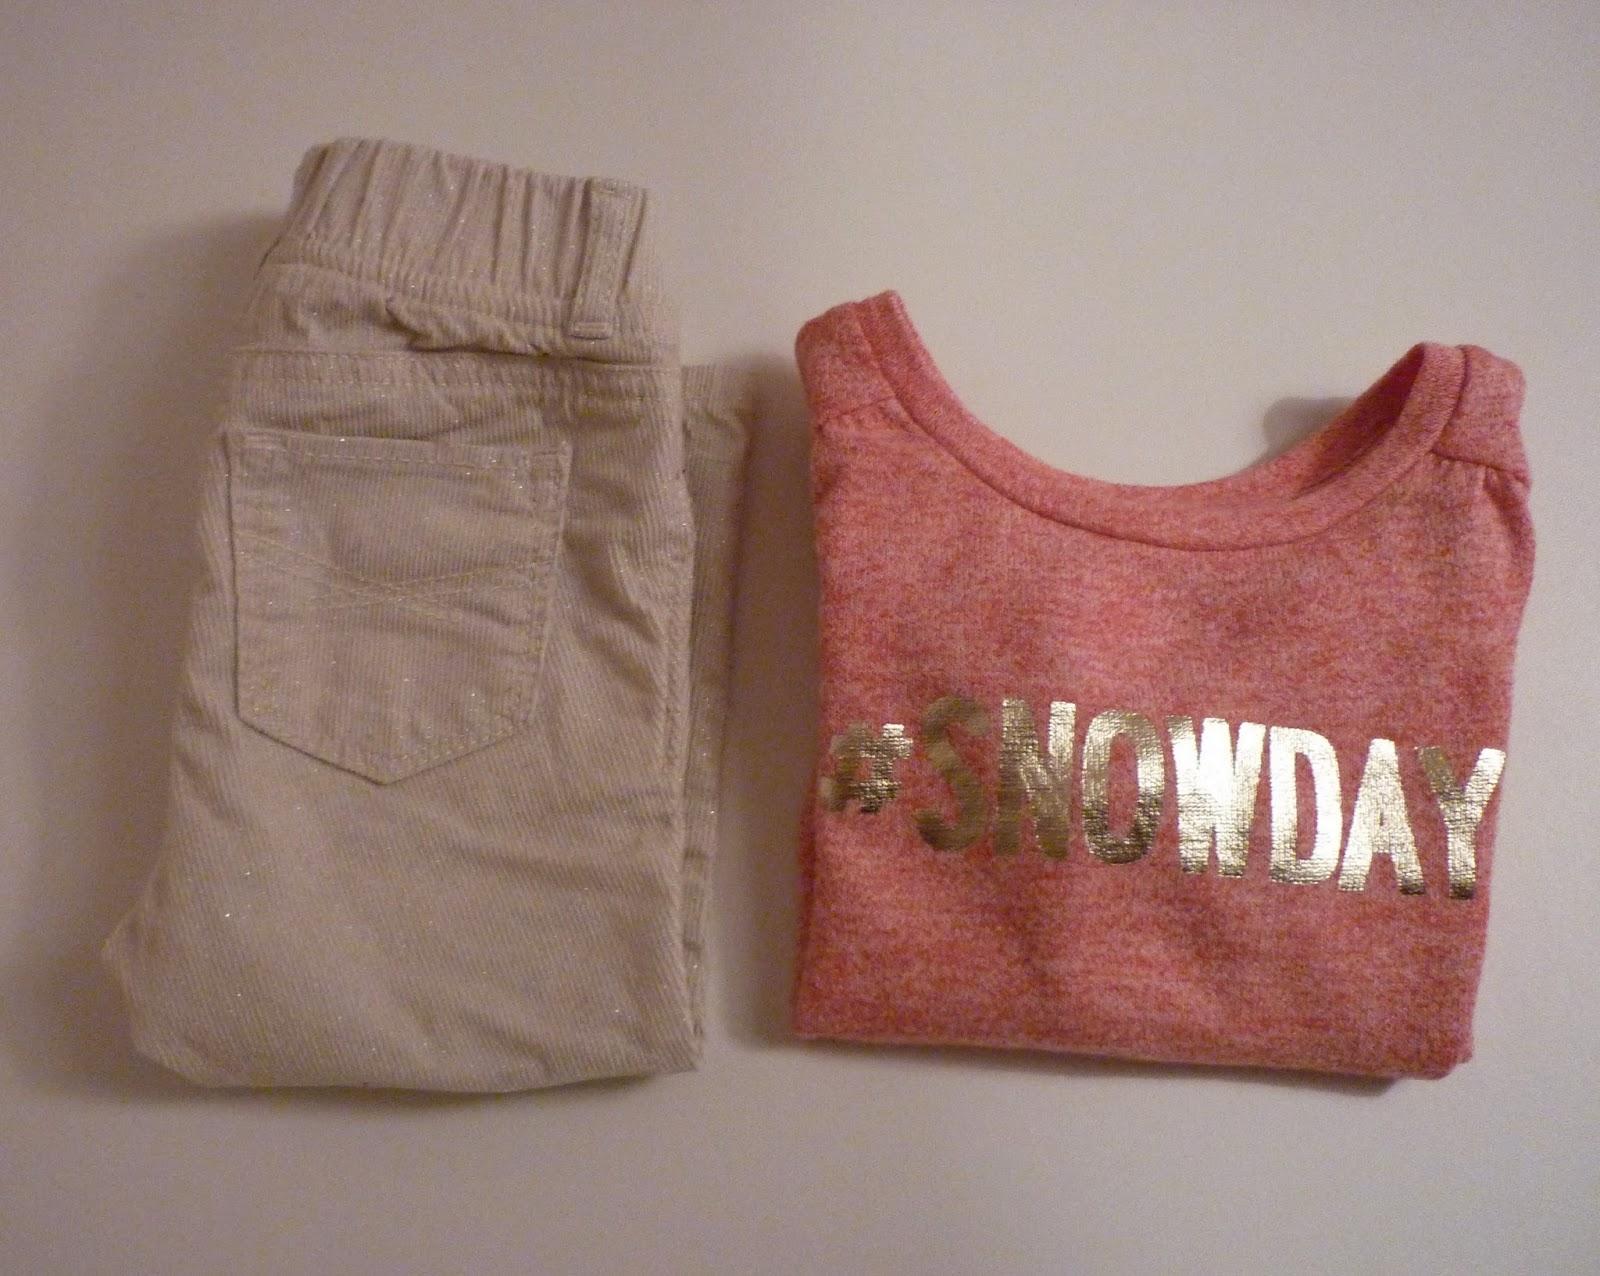 Tenue baby GAP pantalon velours écru et pailleté et sweat #snowday rouge chiné et doré